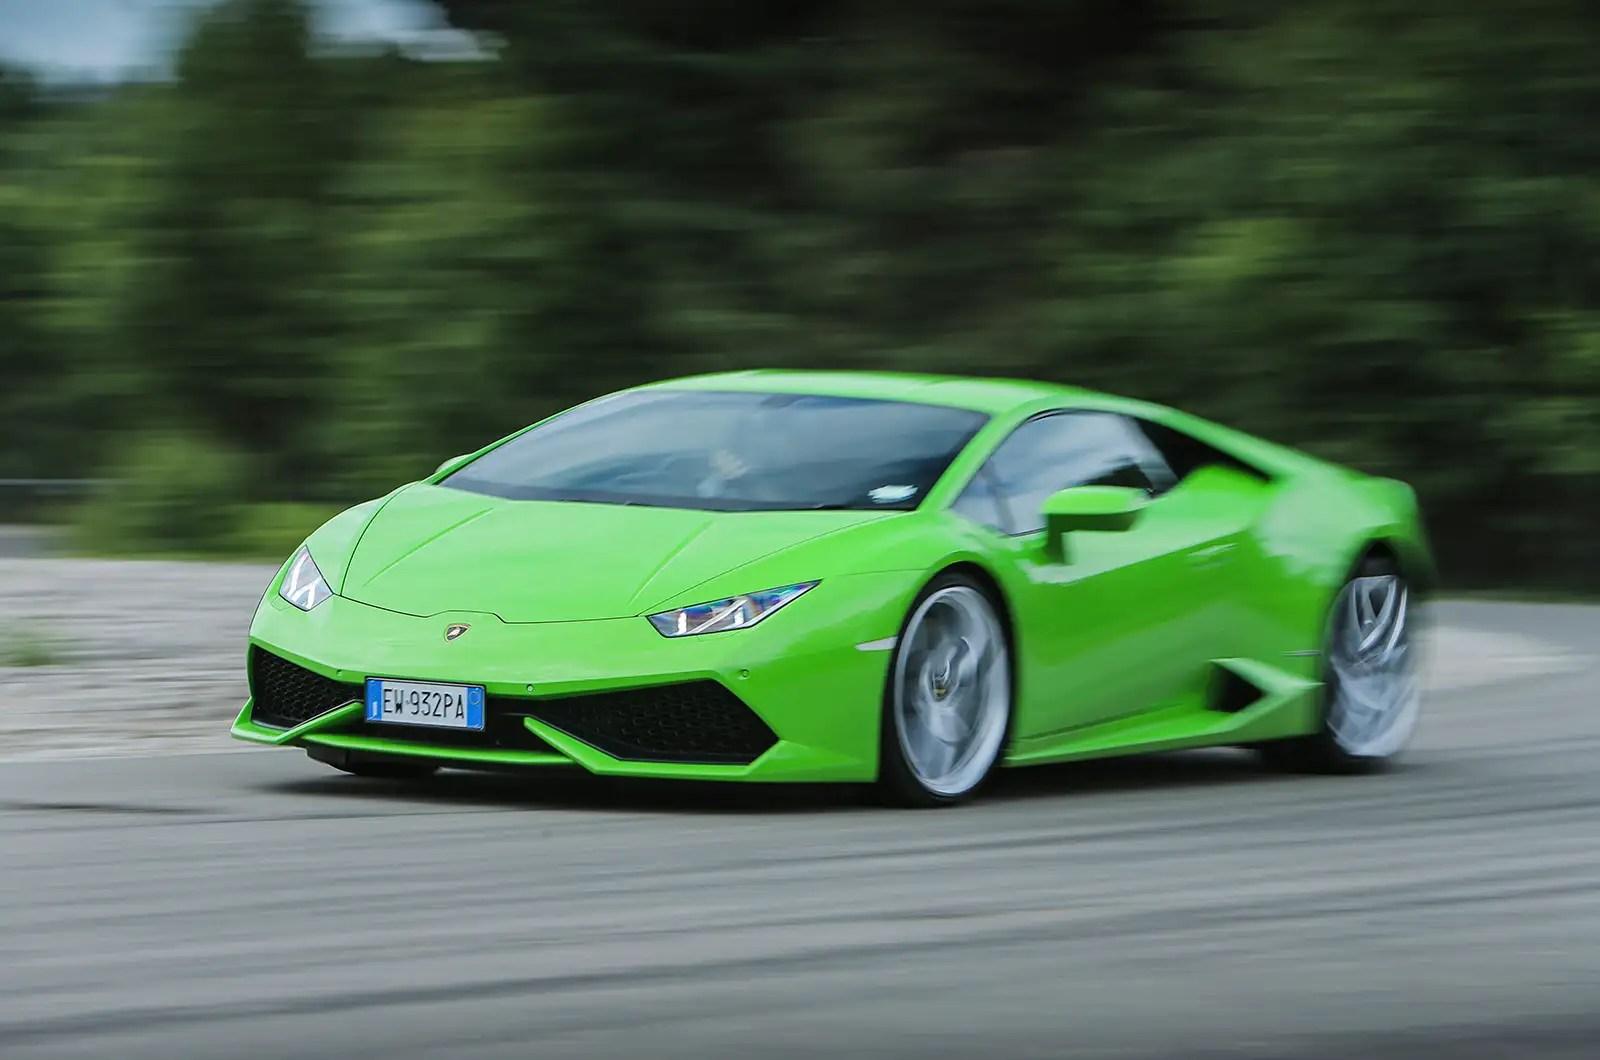 Chrome Web Store Wallpapers Cars Lamborghini Image Impremedia Net